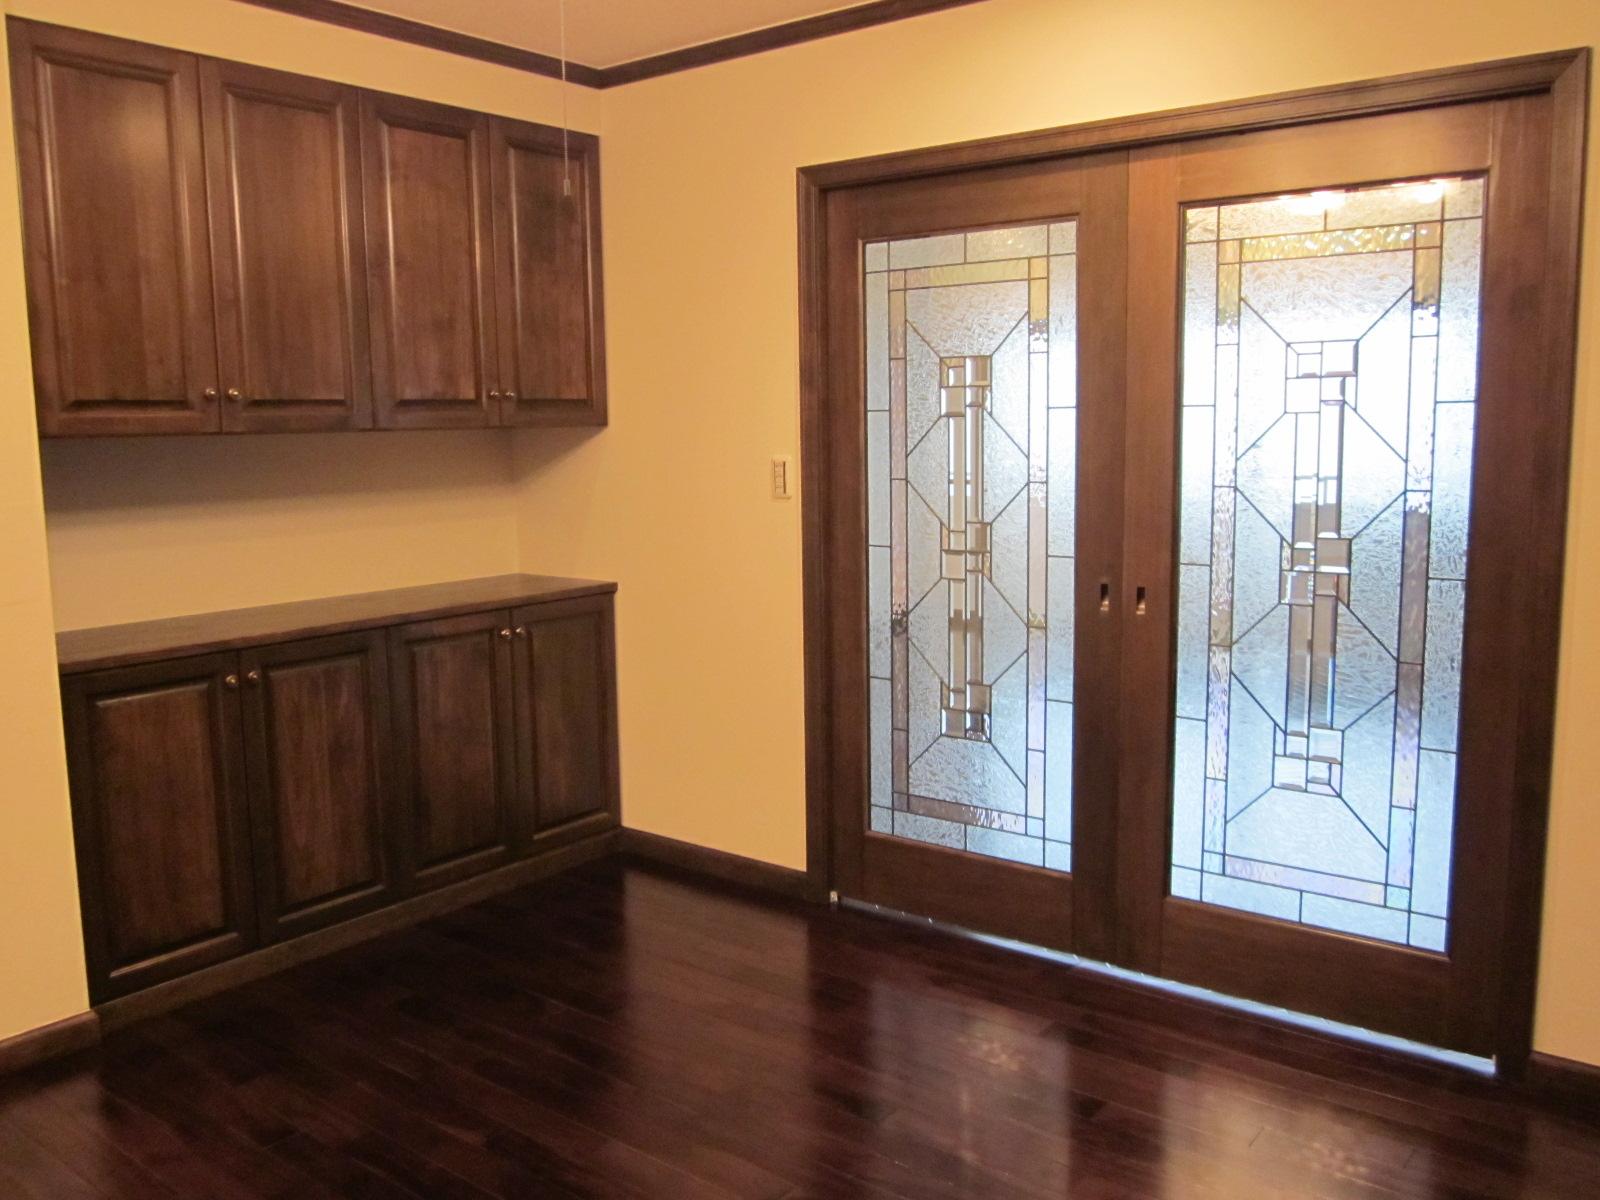 収納造作家具、ステンドくもりガラスの木製ドア